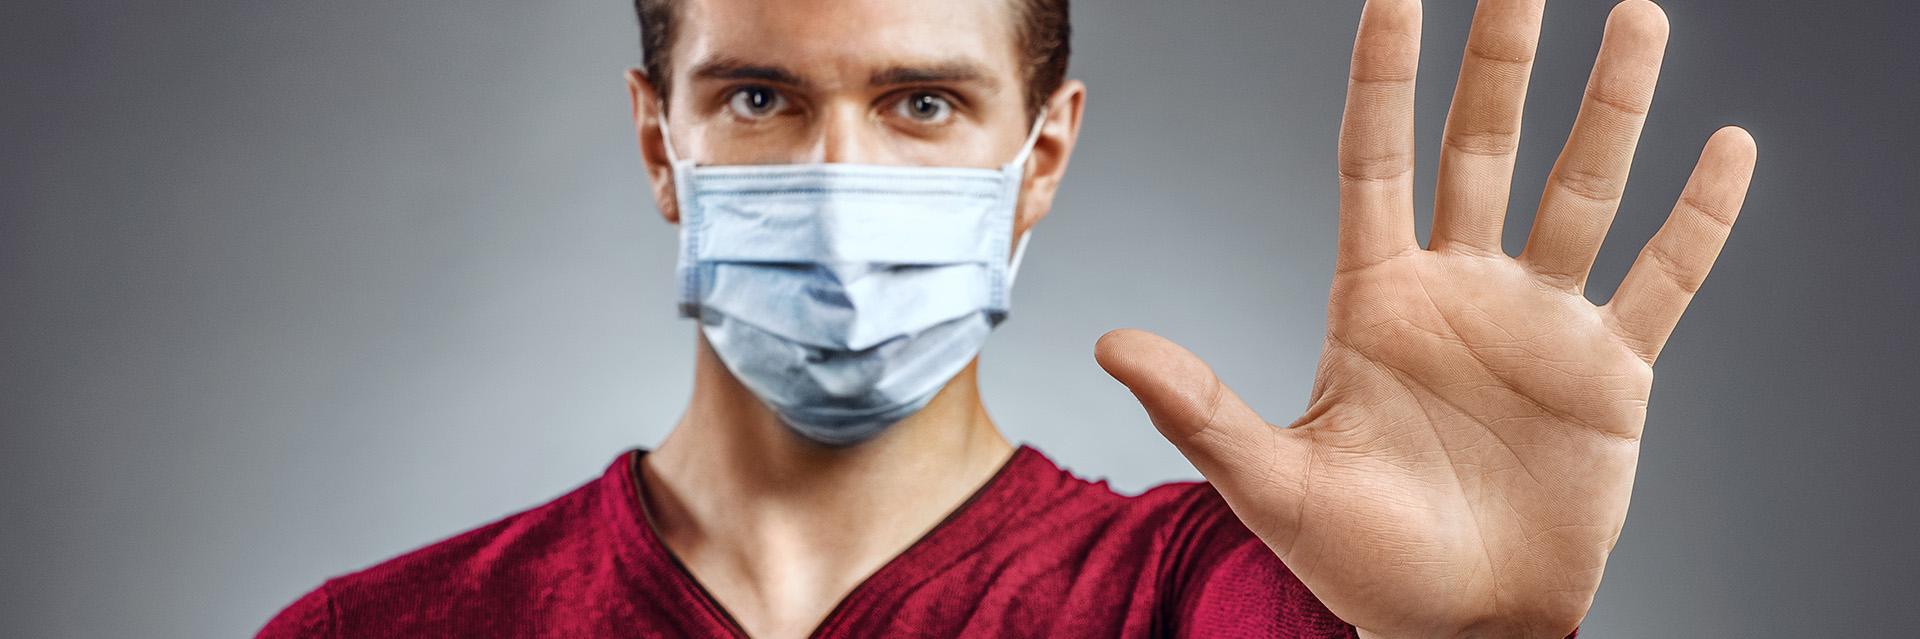 Jak można zarazić się grypą?